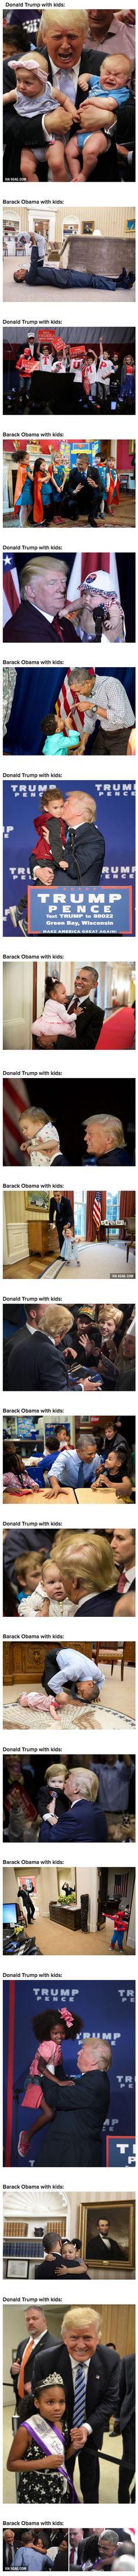 Donald Trump With Kids Vs. Barack Obama With Kids